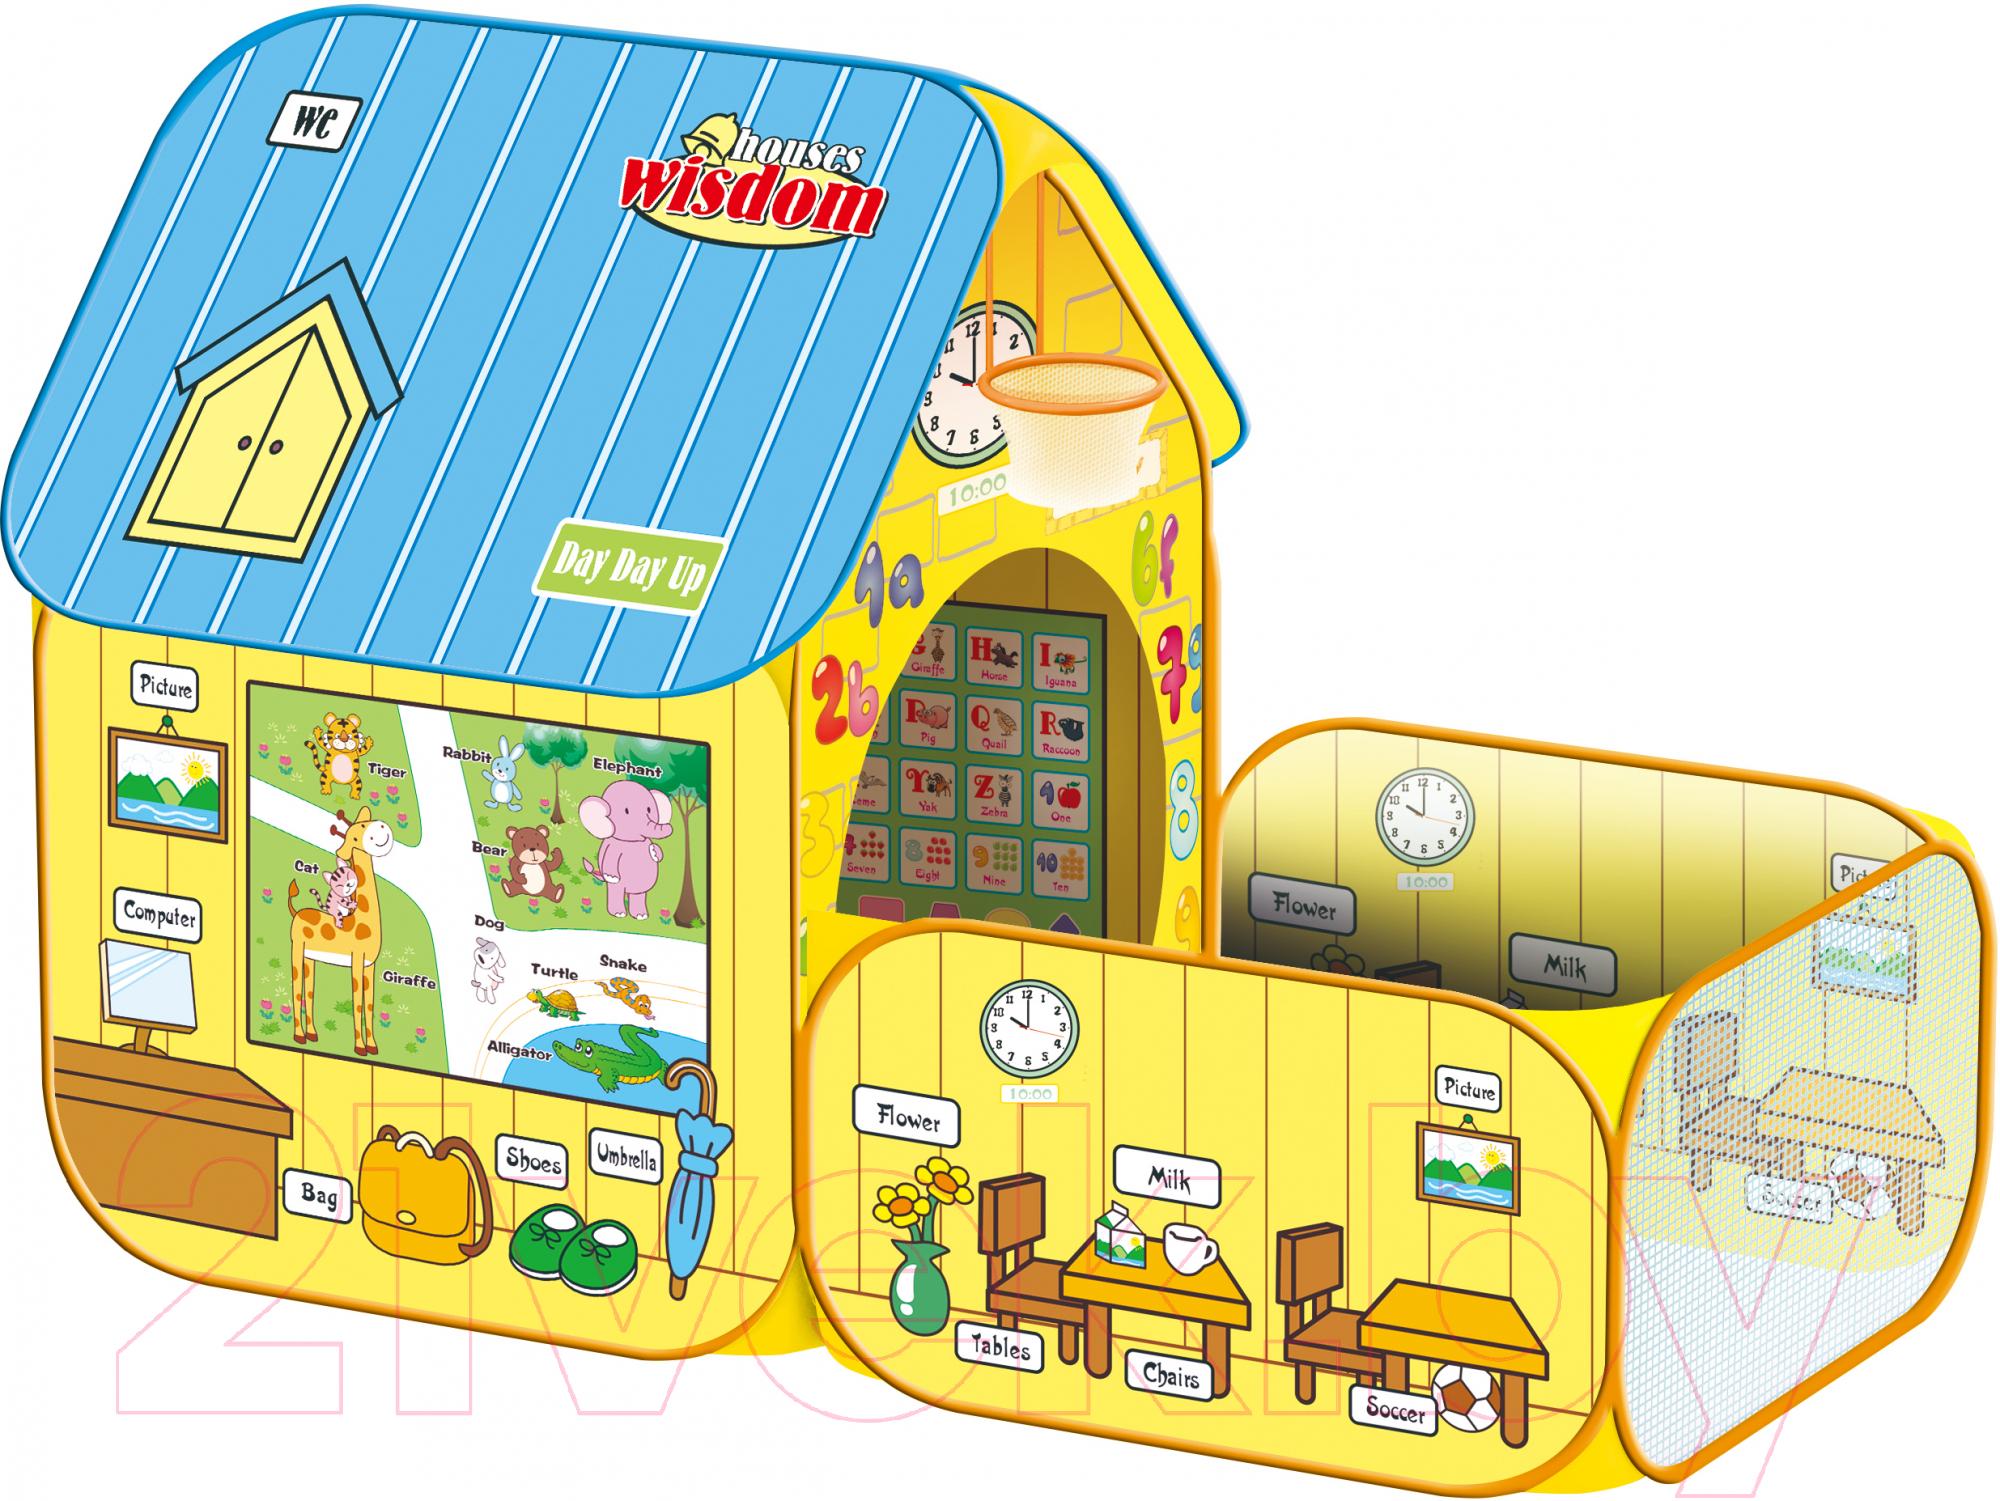 Купить Детская игровая палатка Sundays, 223296, Китай